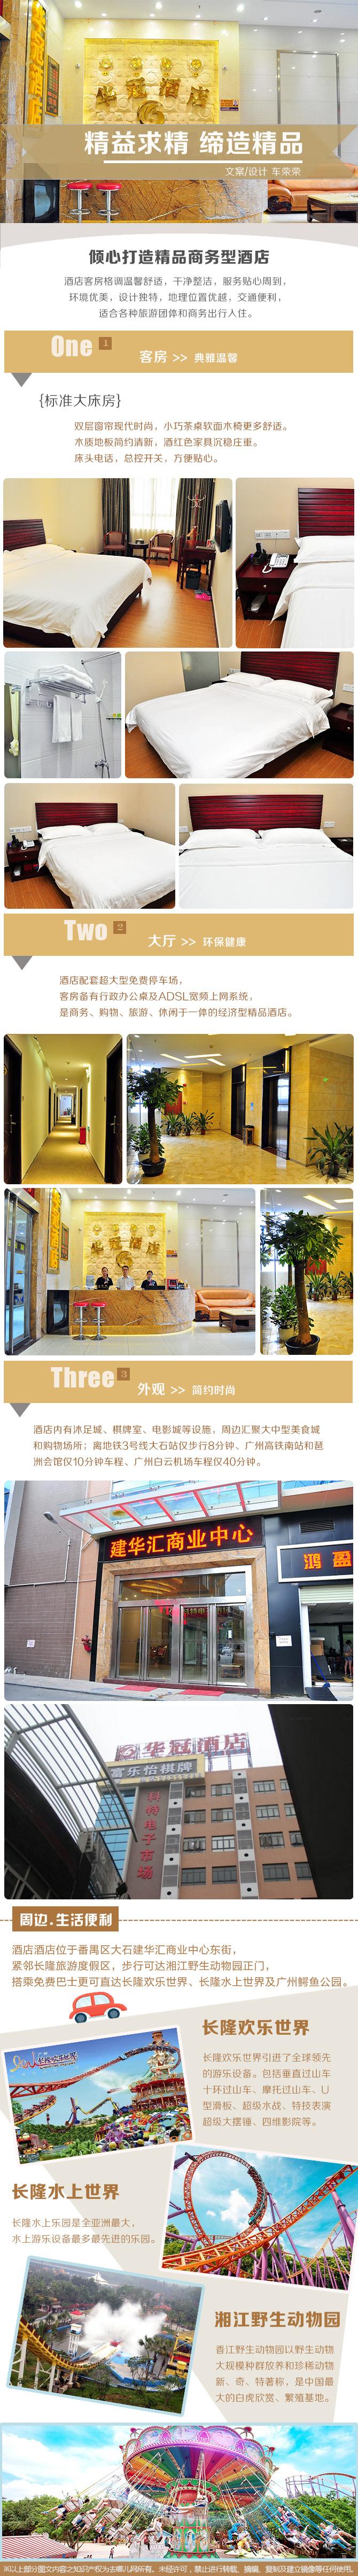 105国道入口湘江野生动物园正门,搭乘免费巴士,更可直达长隆欢乐世界